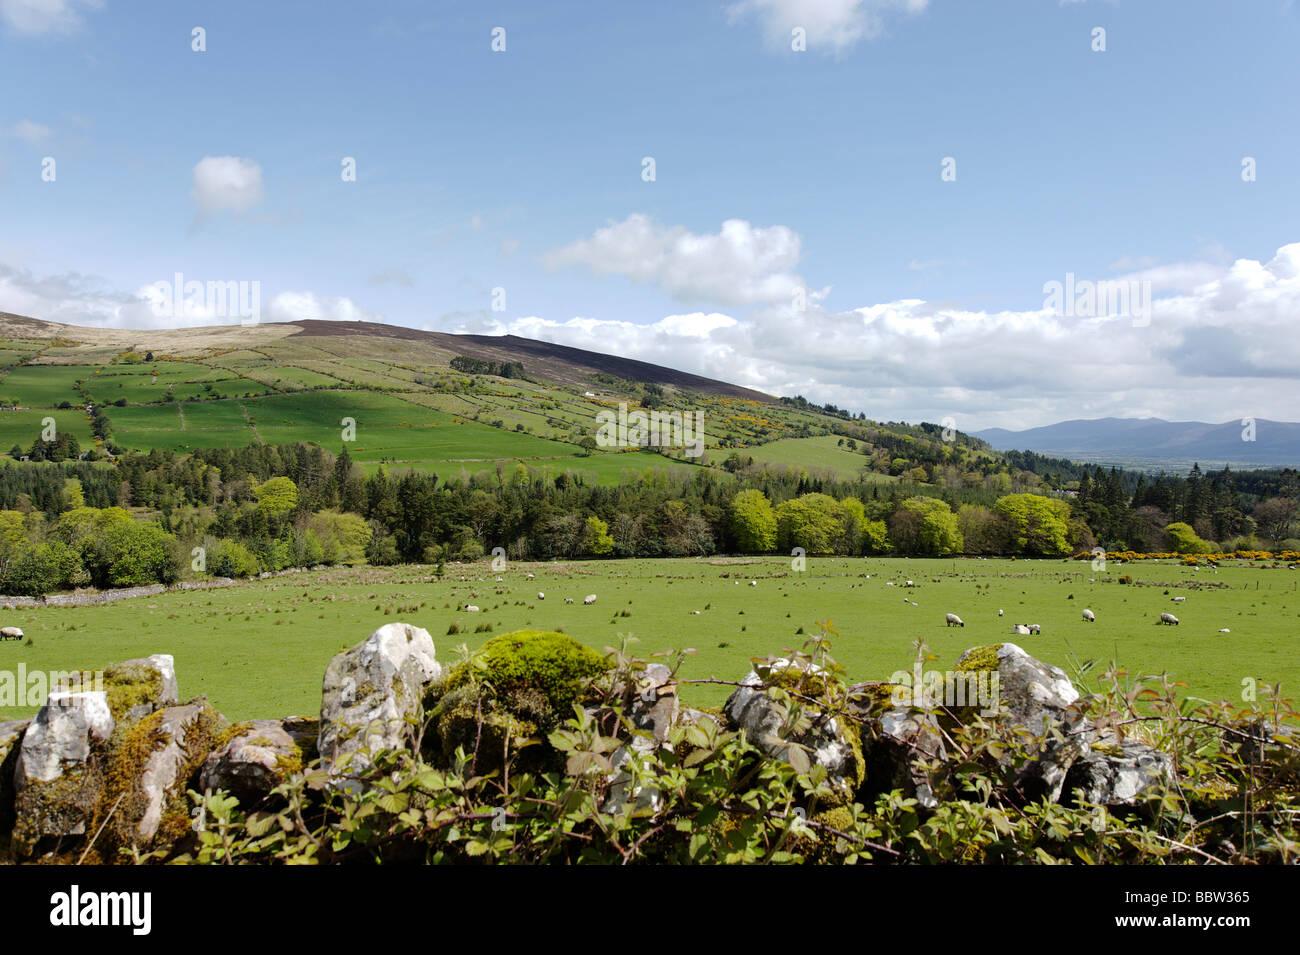 Donnant sur mur en pierre sèche de vertes collines et de terres agricoles dans la région de Clonmel dans Photo Stock